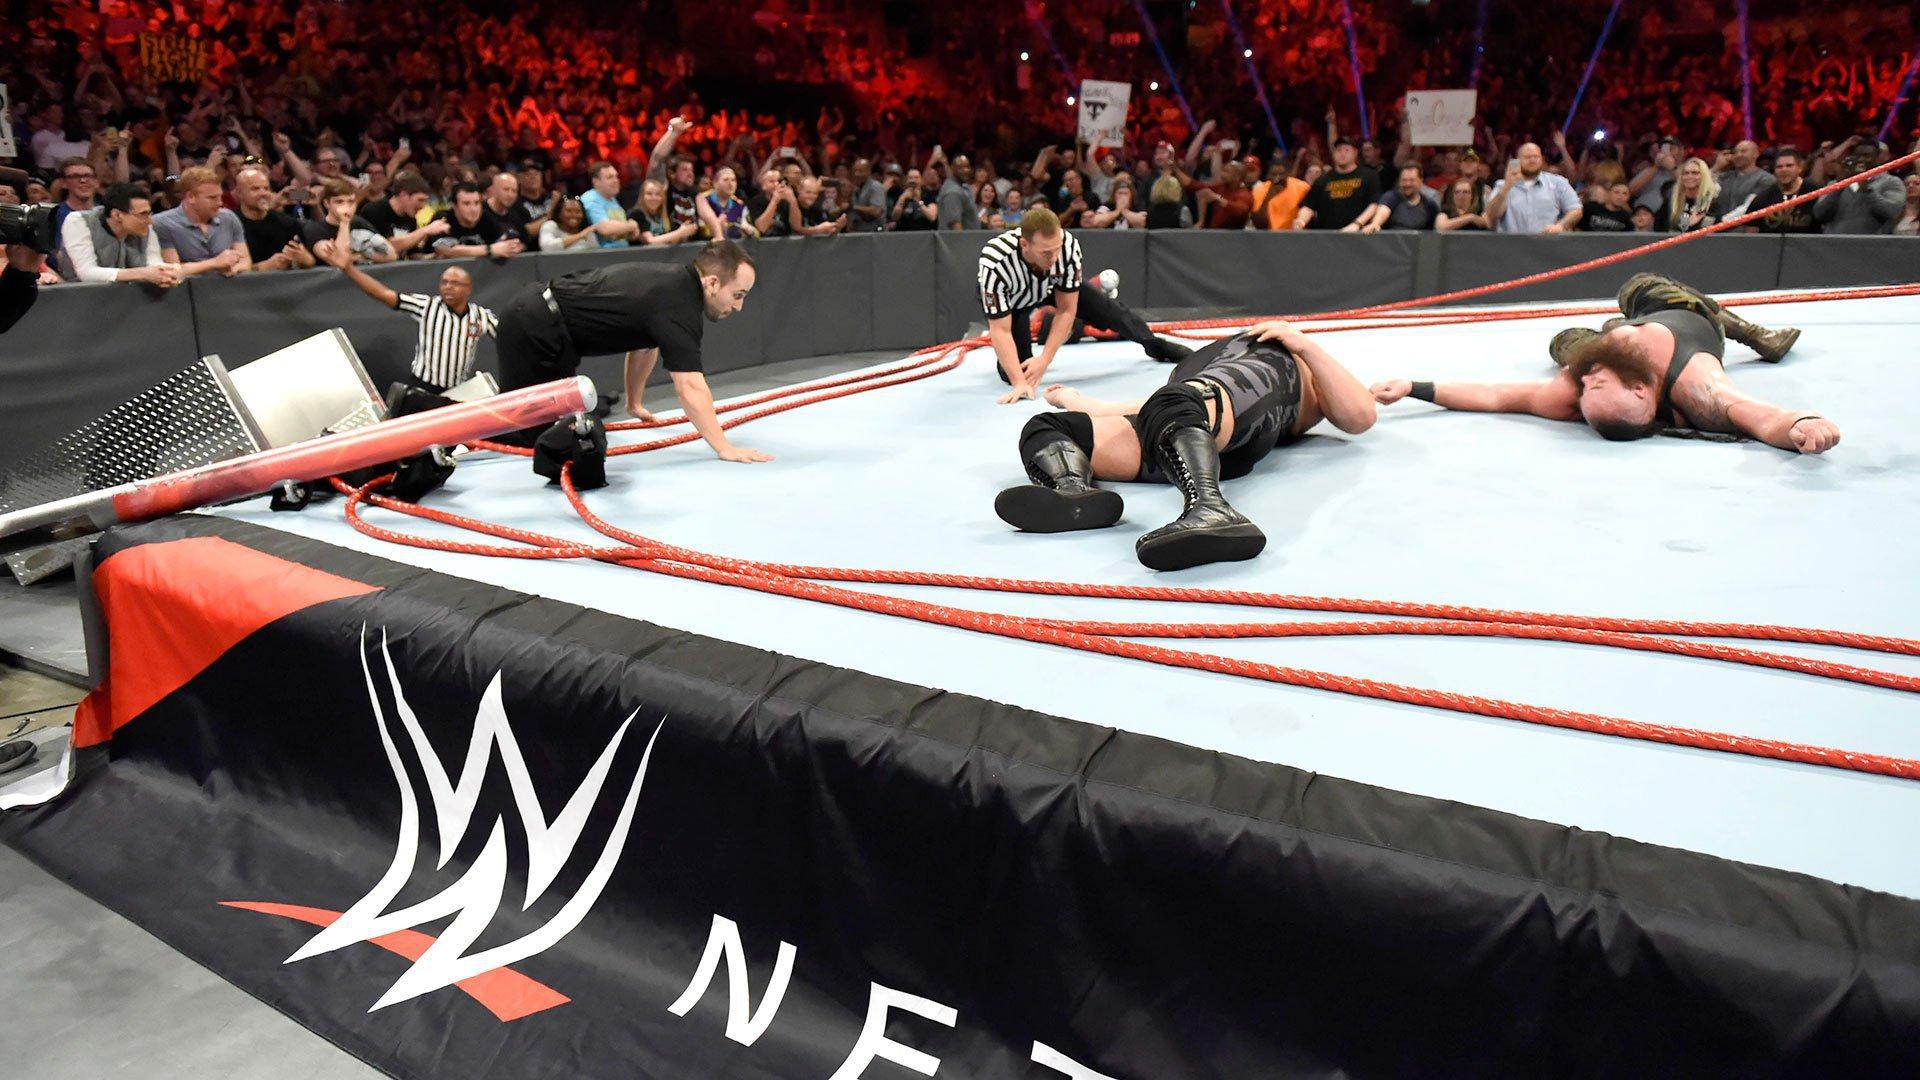 Nowe nagranie starcia Braun Strowman vs. Big Show ze zniszczeniem ringu: WWE.com Exclusive 18.04.17